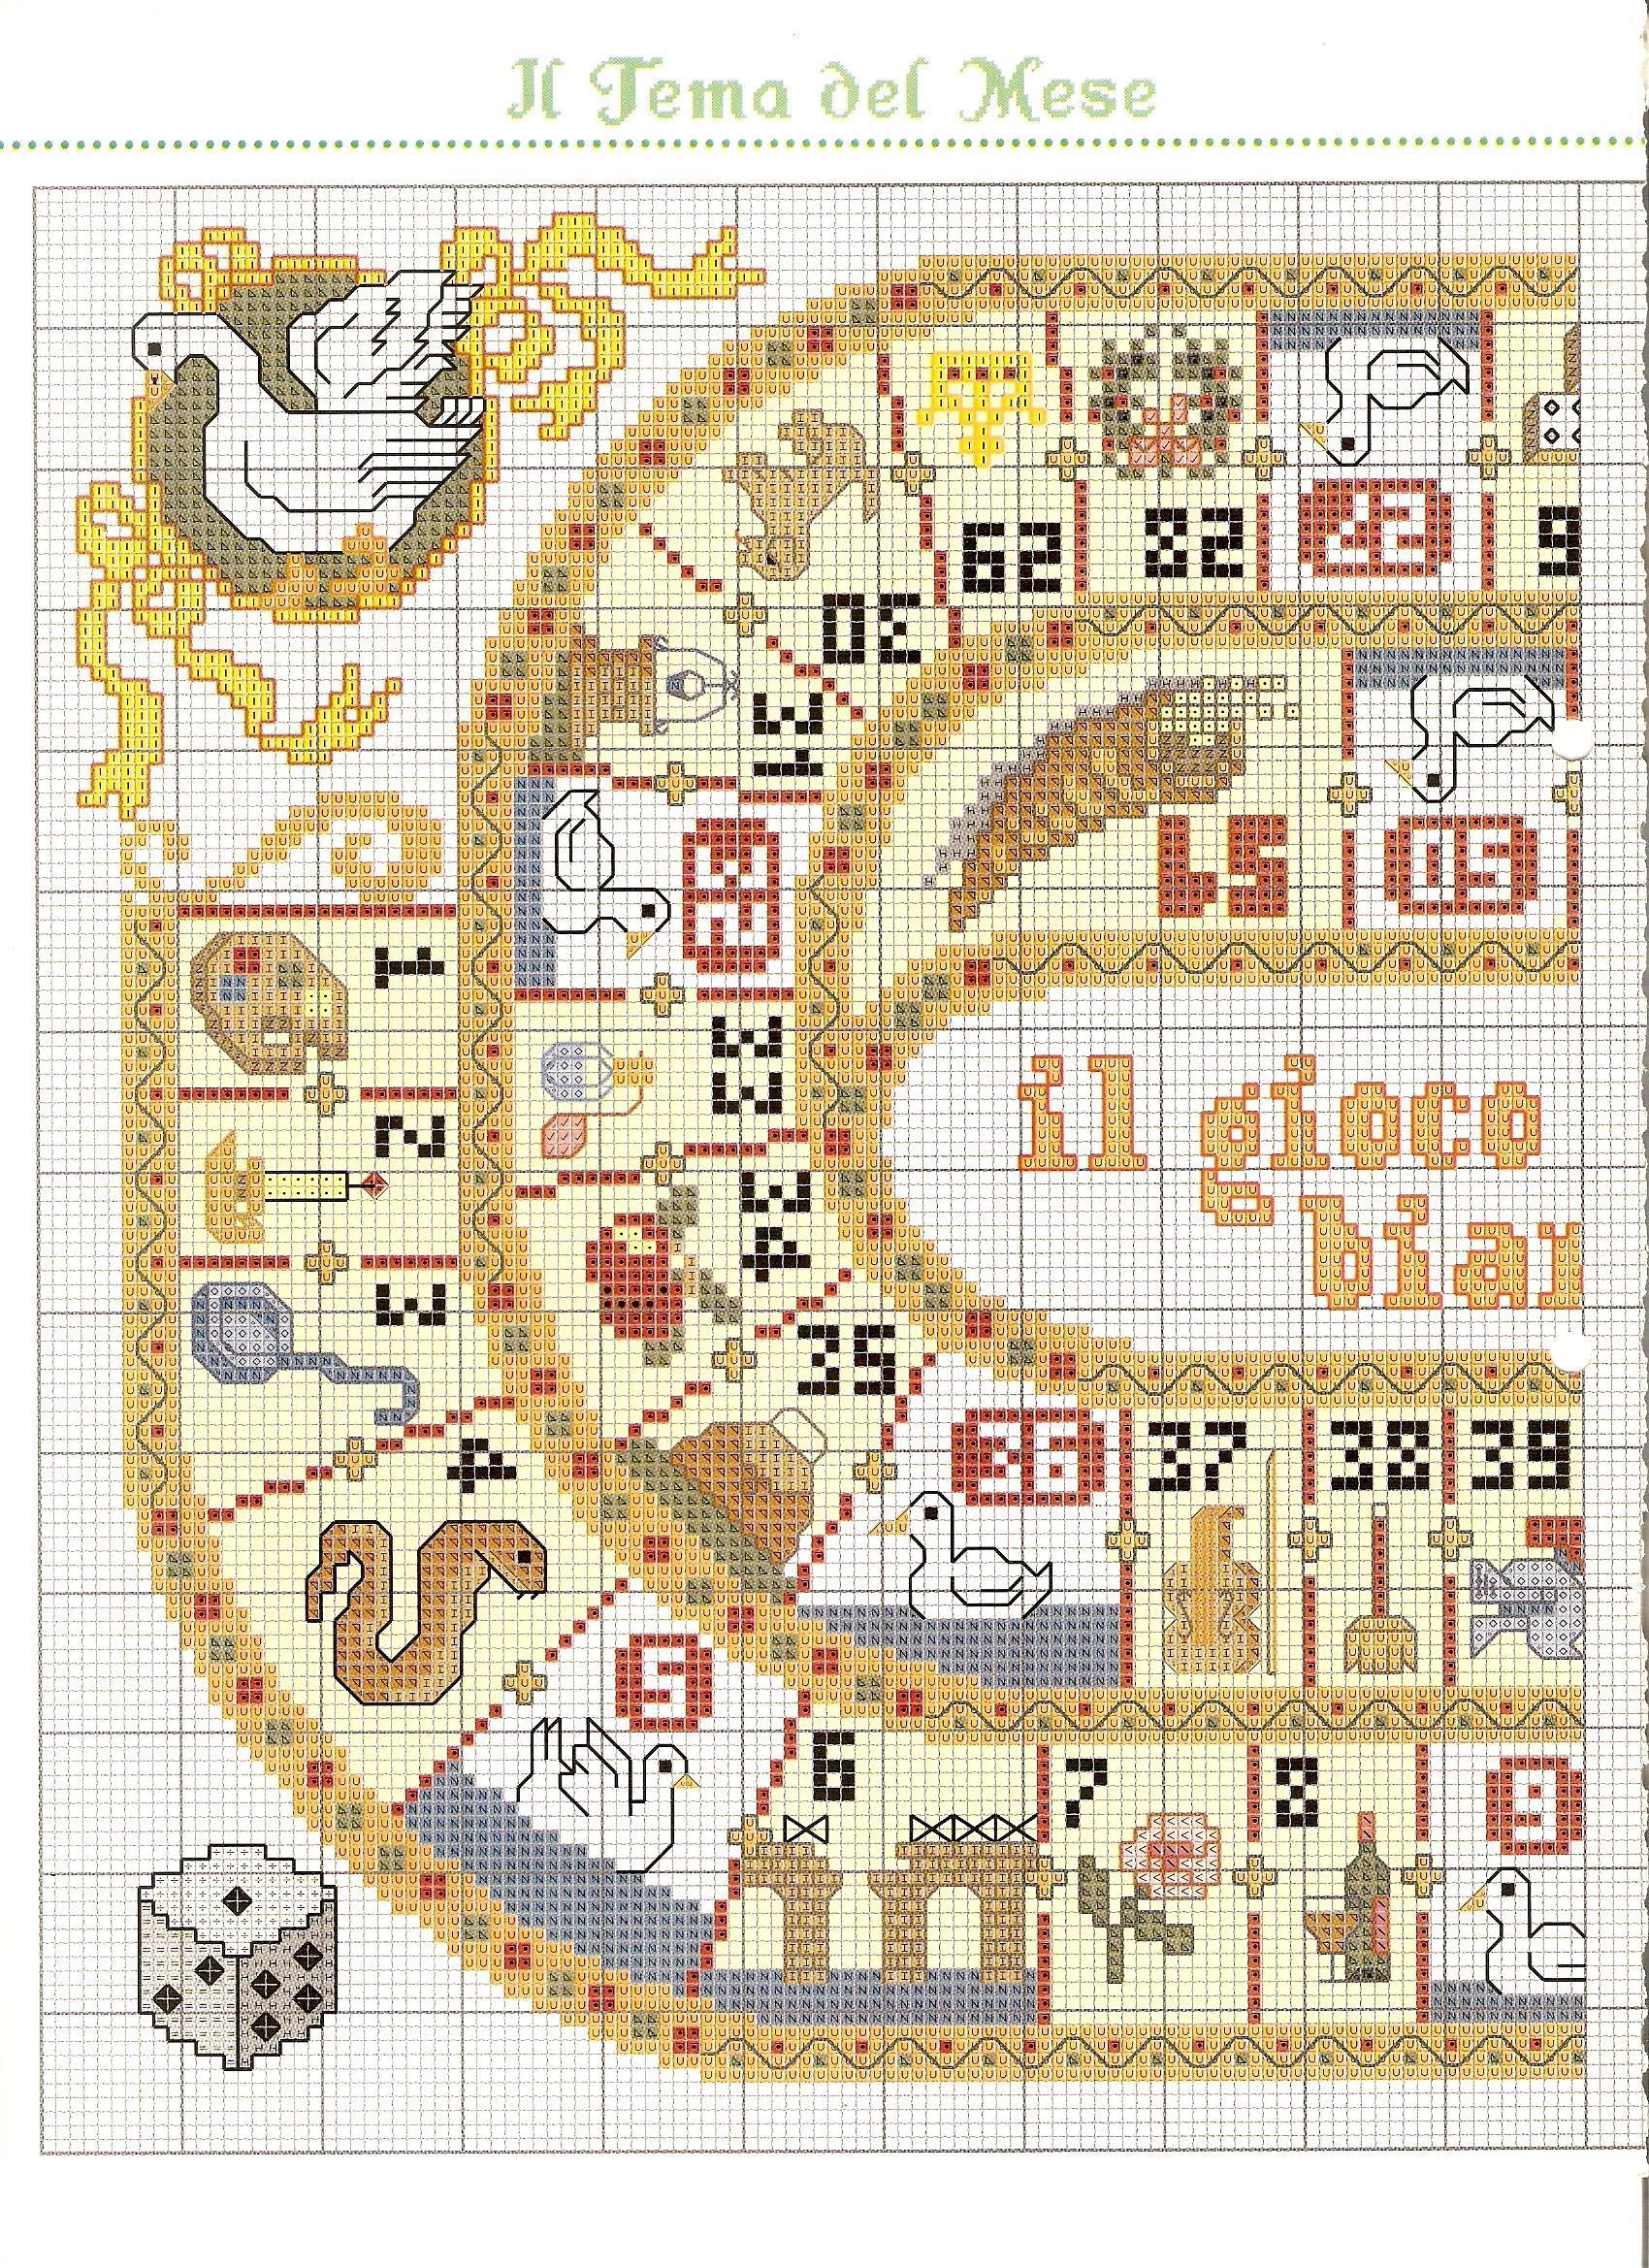 Il gioco dell 39 oca bertafilava for Gioco dell oca alcolico da stampare